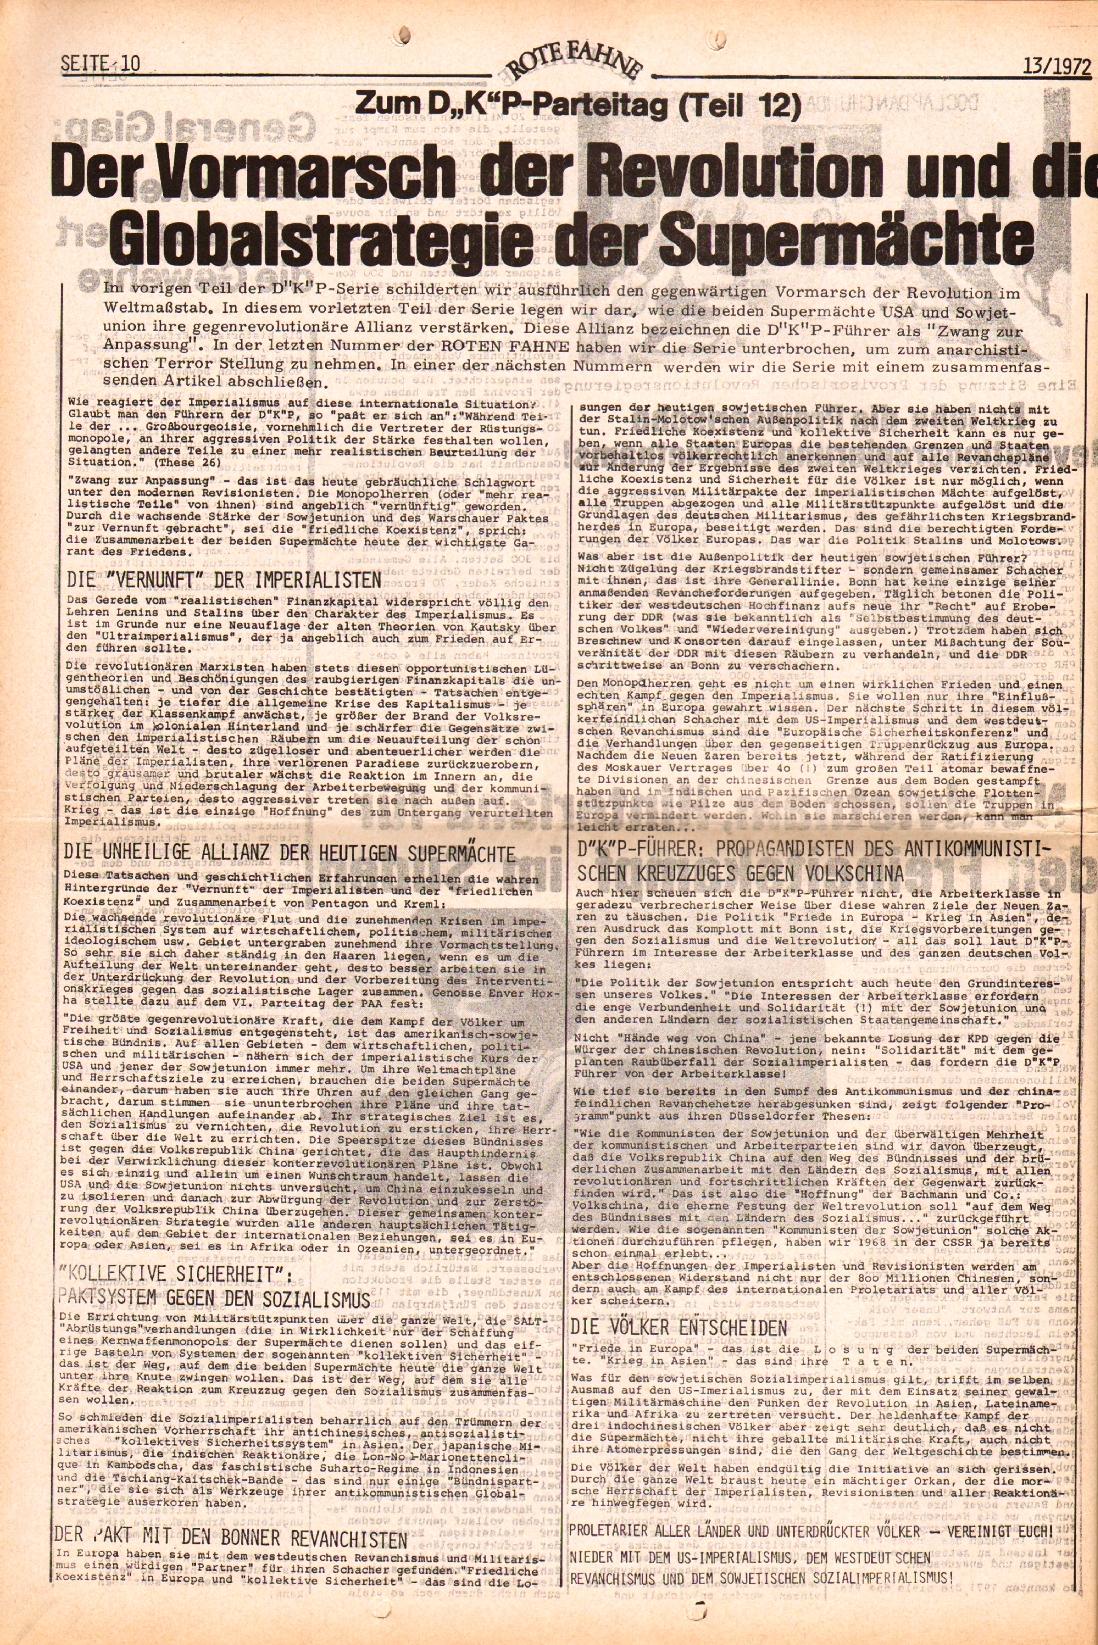 Rote Fahne, 3. Jg., 28.6.1972, Nr. 13, Seite 10